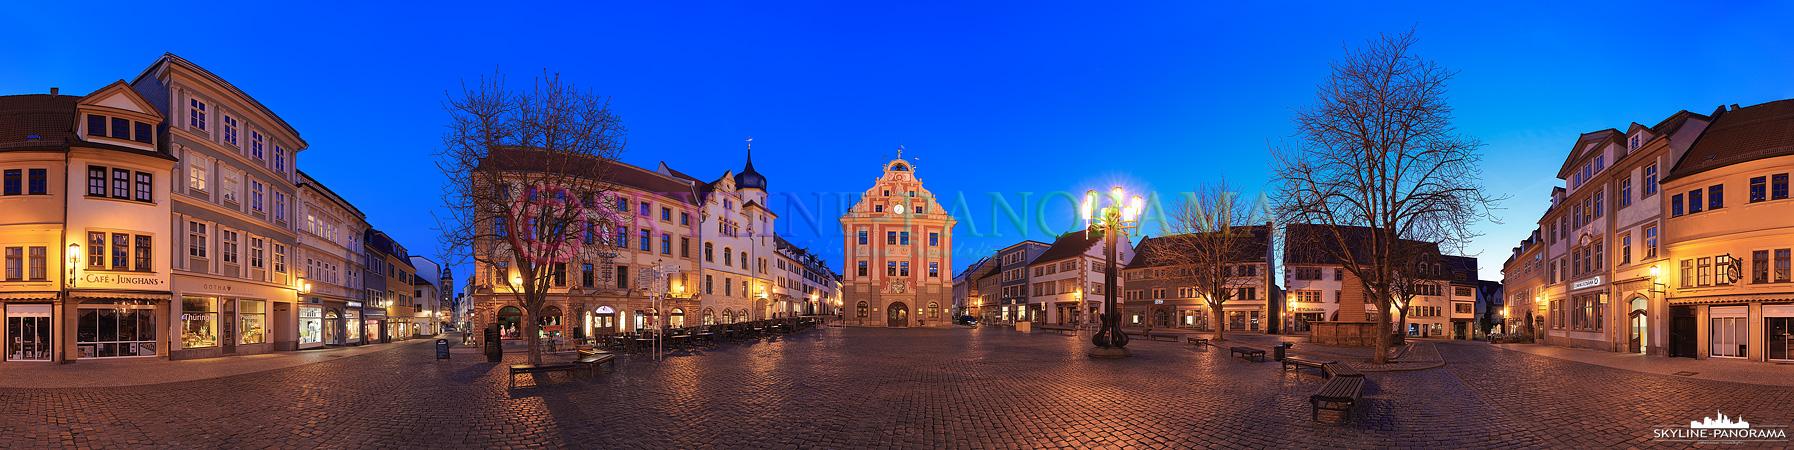 Bilder aus Gotha - Das historische Rathaus der thüringischen Stadt Gotha als abendliches Panorama vom unteren Hauptmarkt aus gesehen.